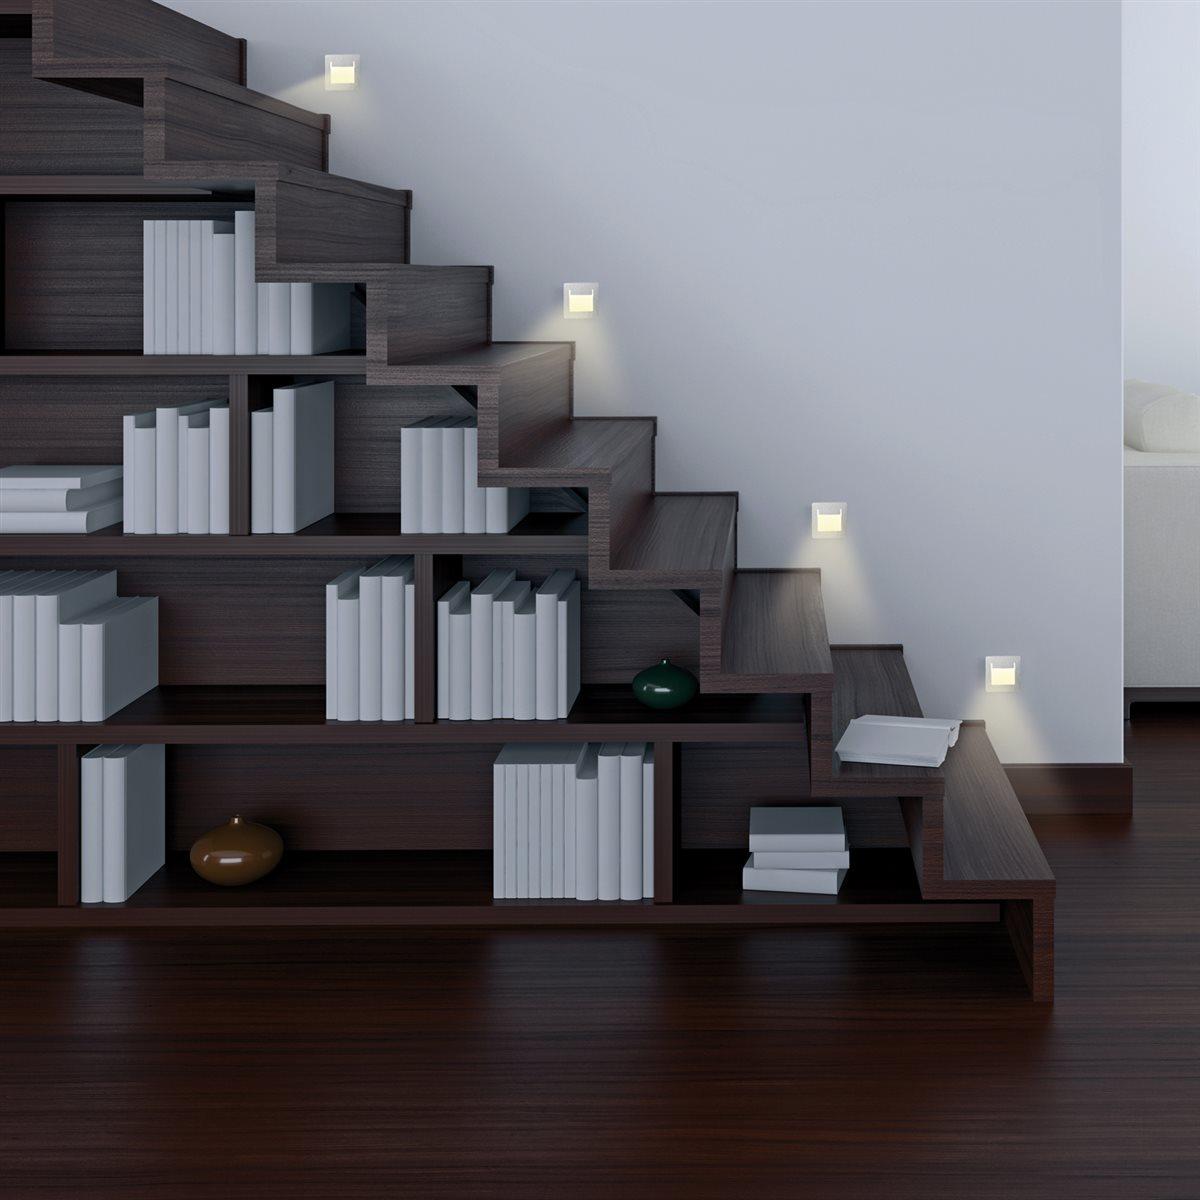 lampenlux led einbaustrahler spot ranma eckig silber 8x8cm inkl einbaubox und trafoeinbauleuchte. Black Bedroom Furniture Sets. Home Design Ideas